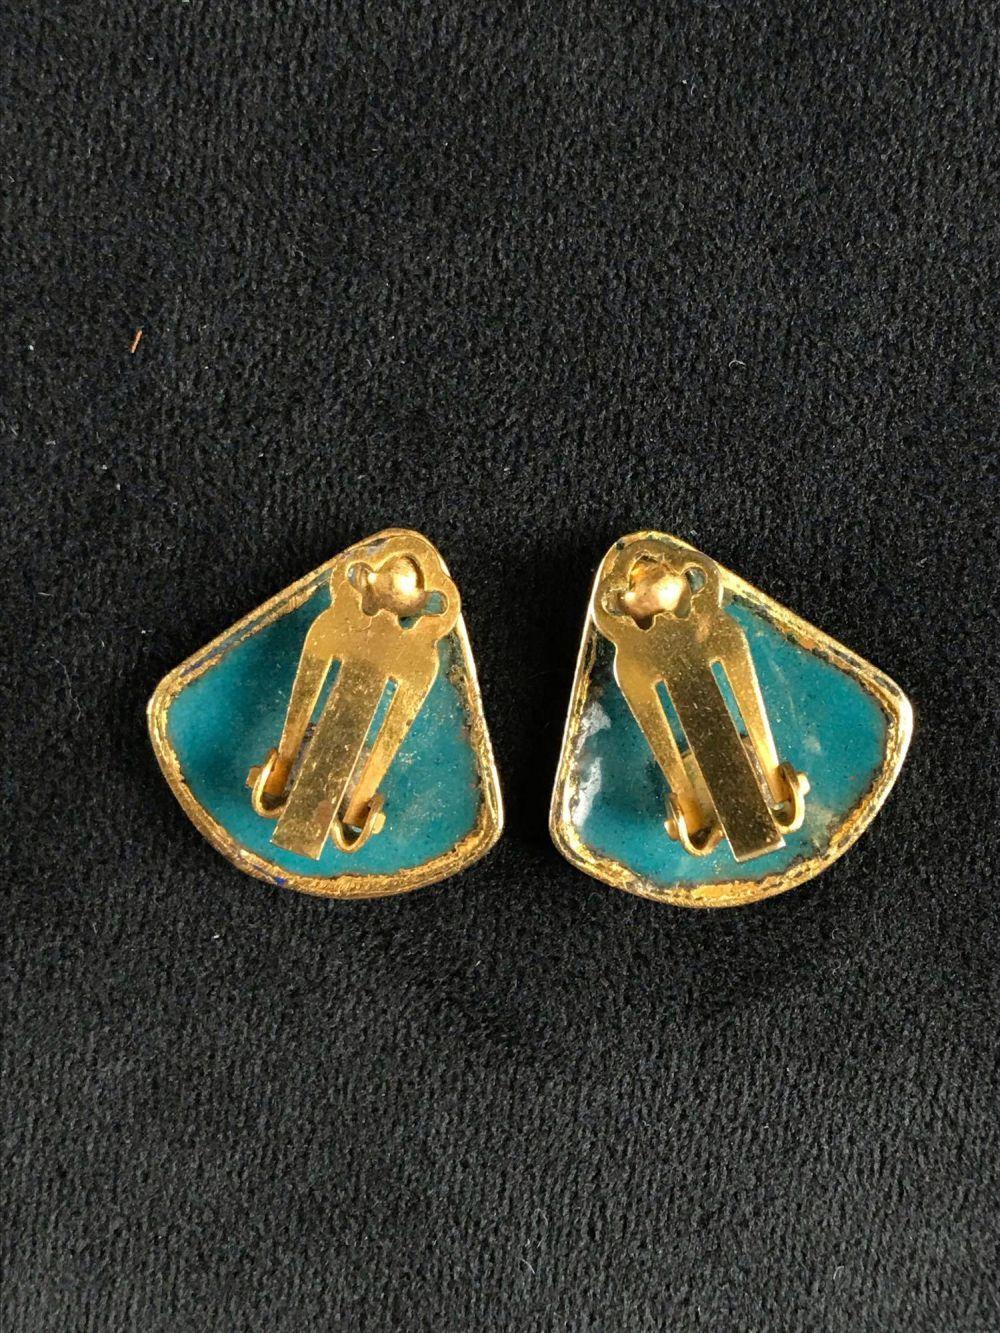 Lot 708: Vintage Cloisonne Enamel Clip On Earrings